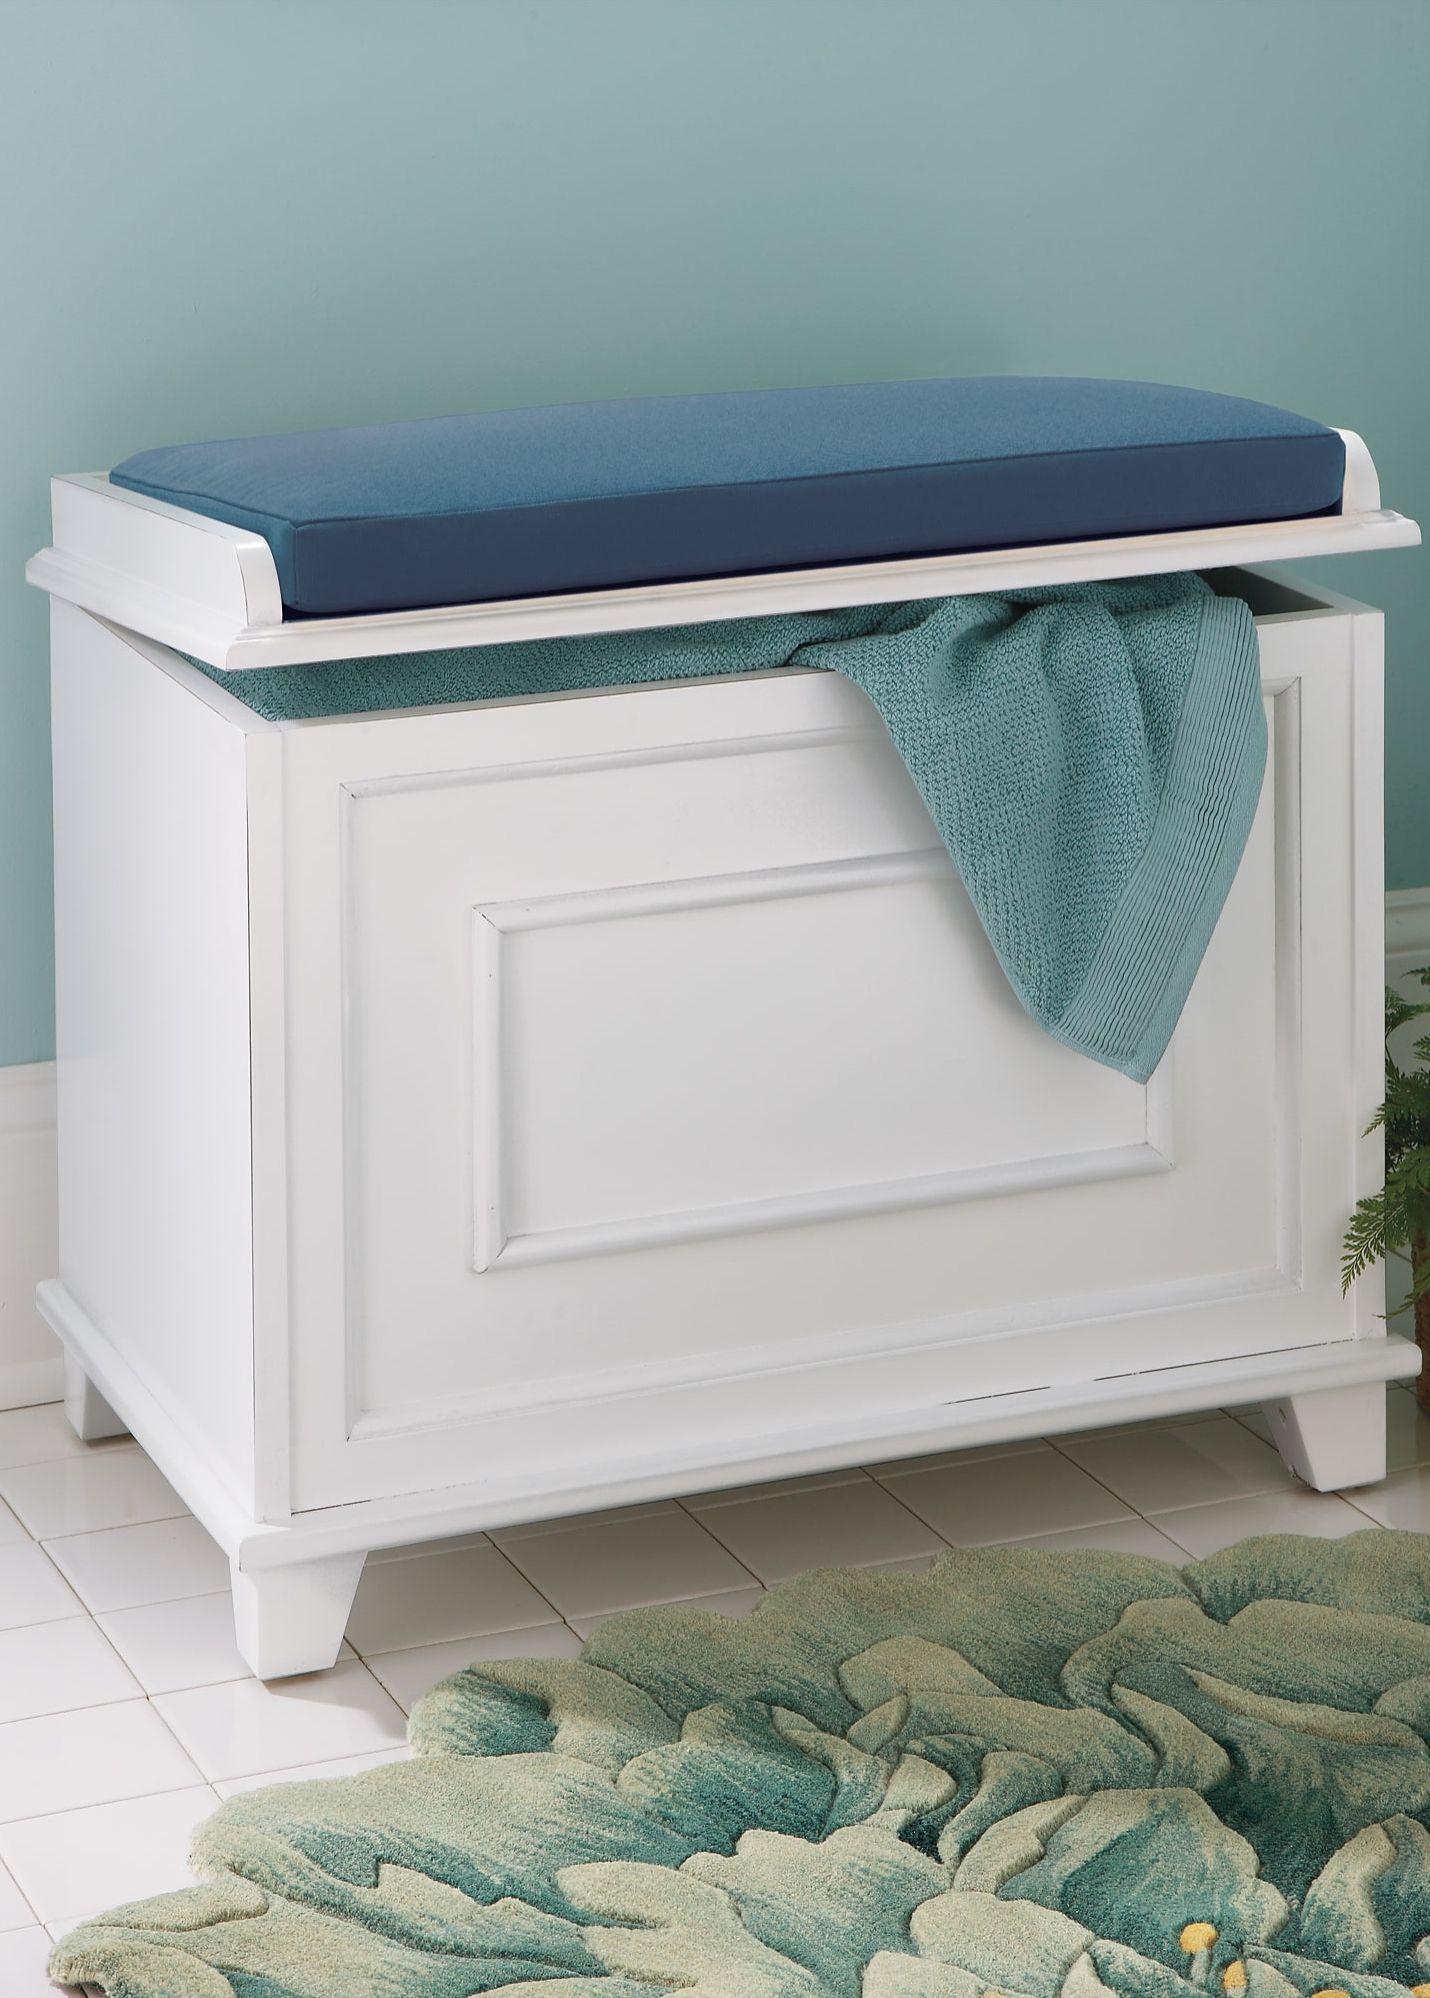 16++ Bathroom storage bench with cushion ideas